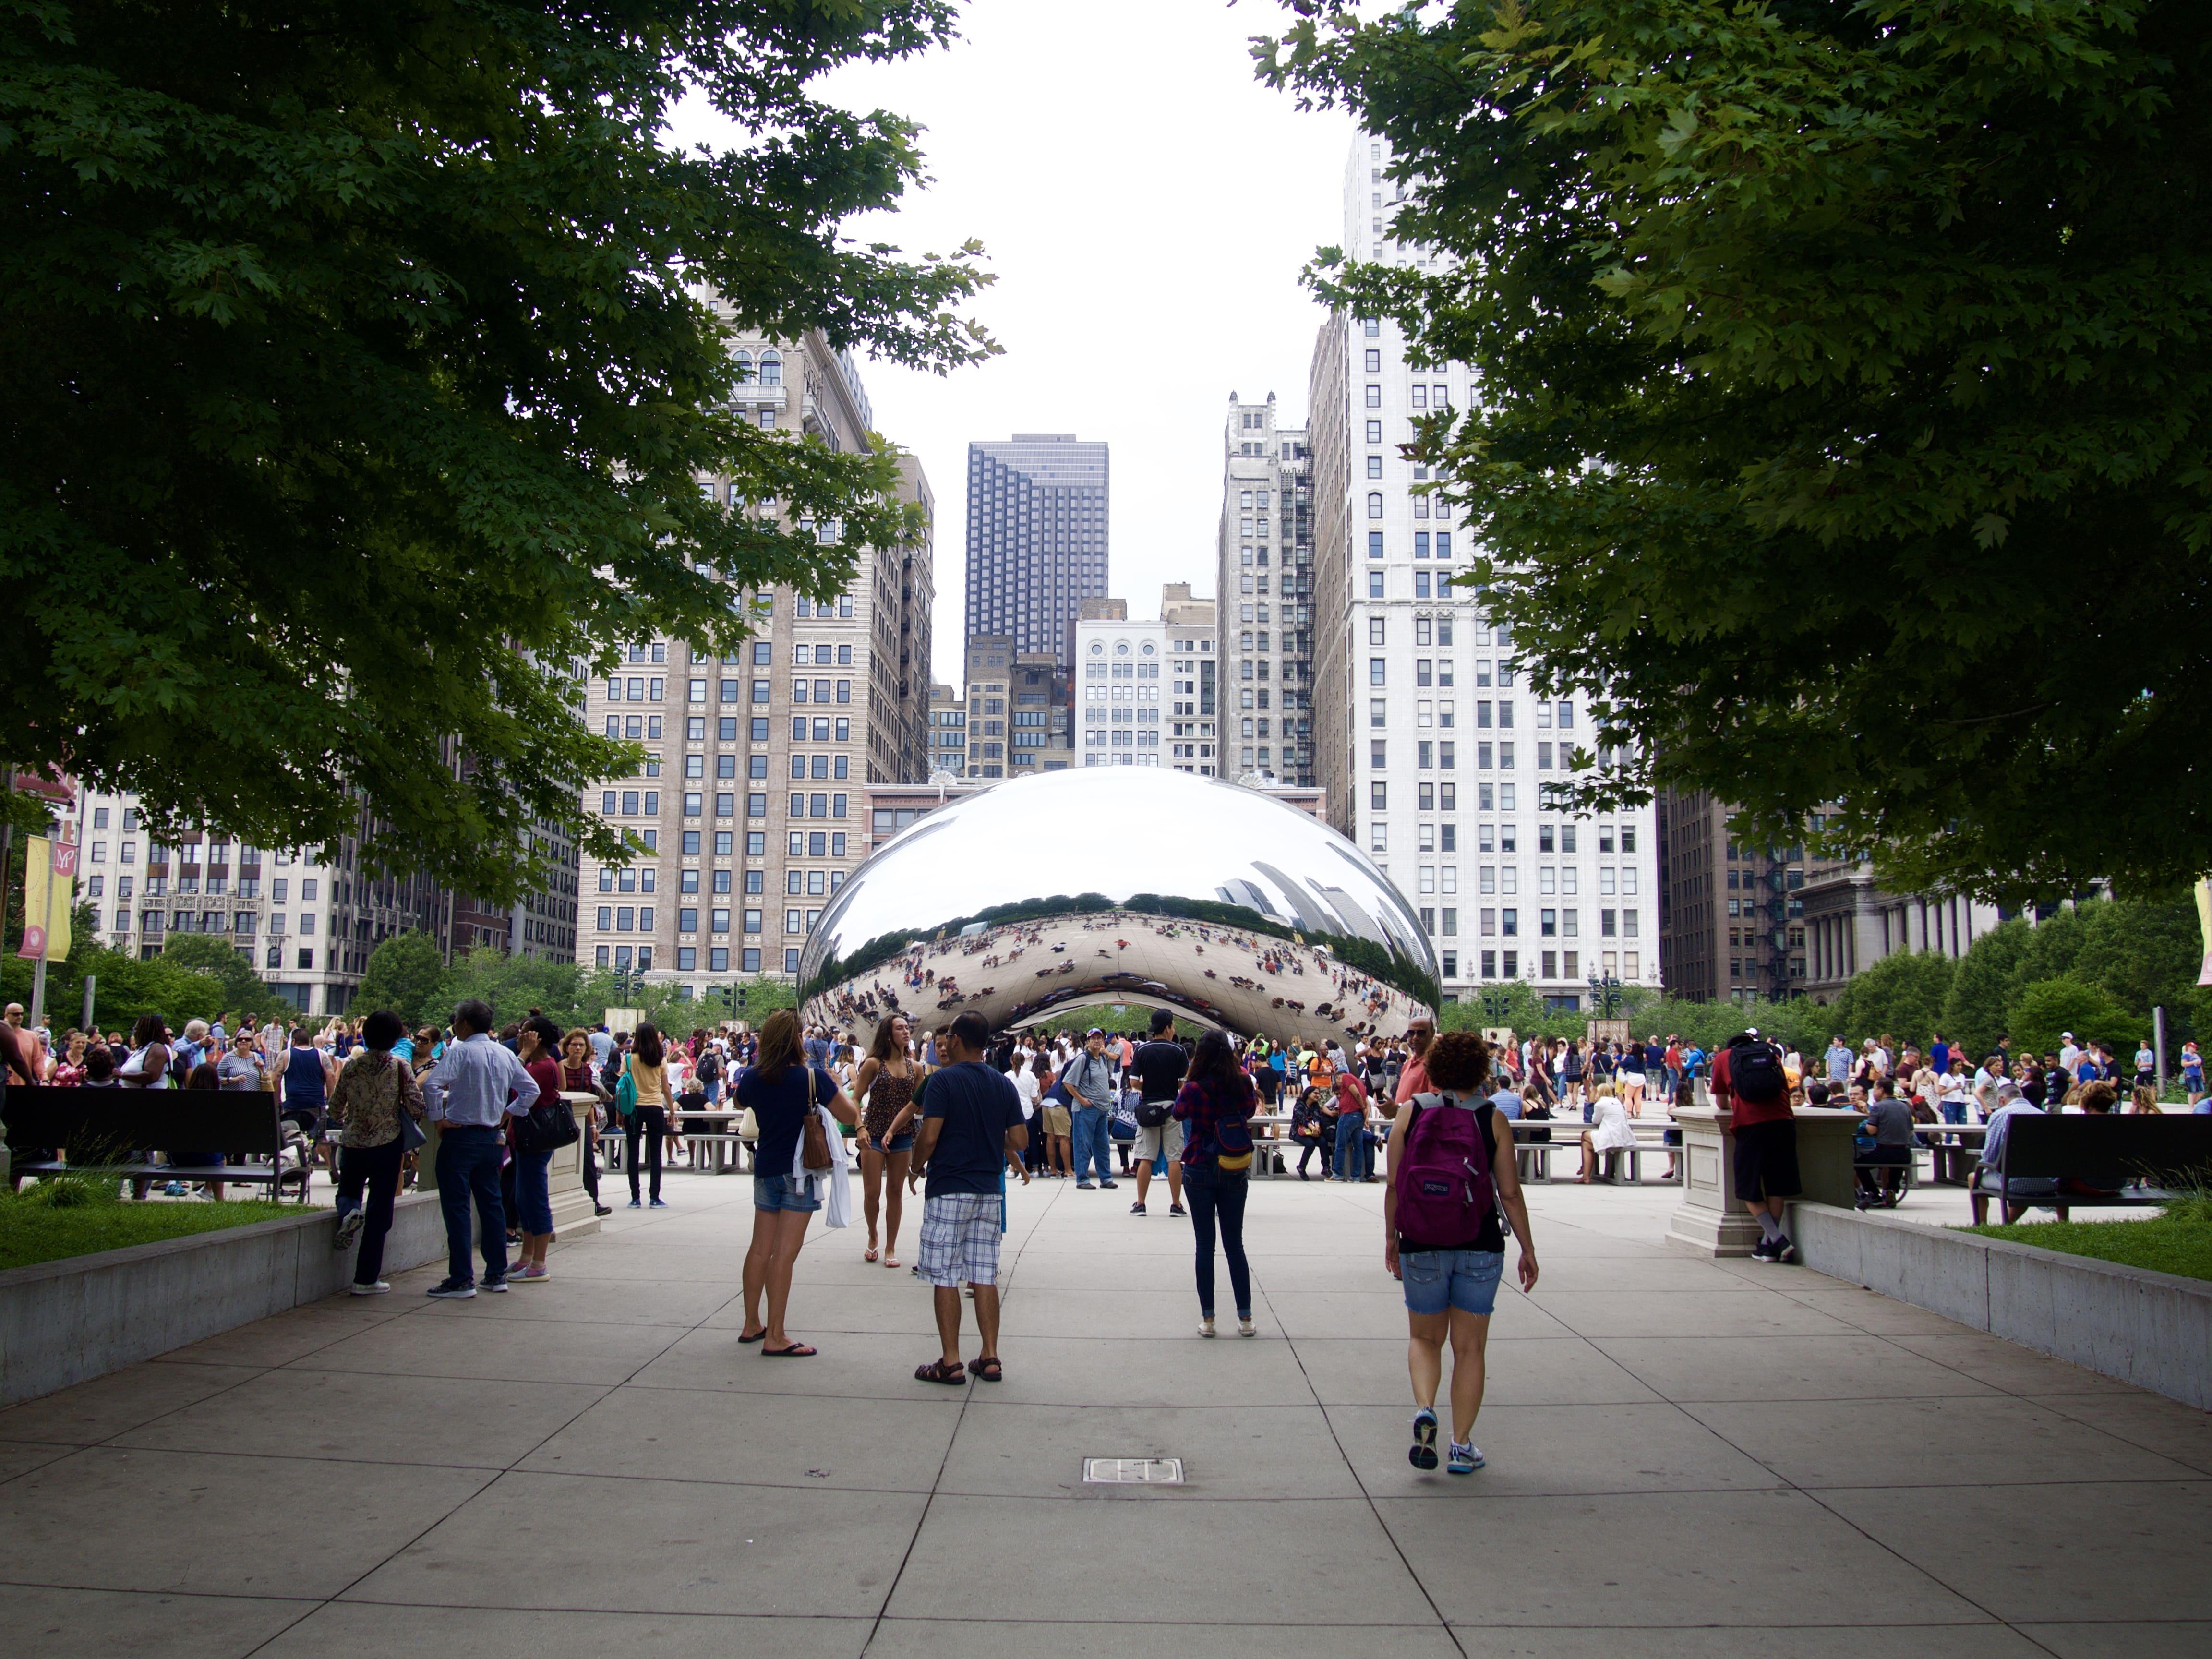 芸術の街「シカゴ」の観光で撮った写真を公開します!